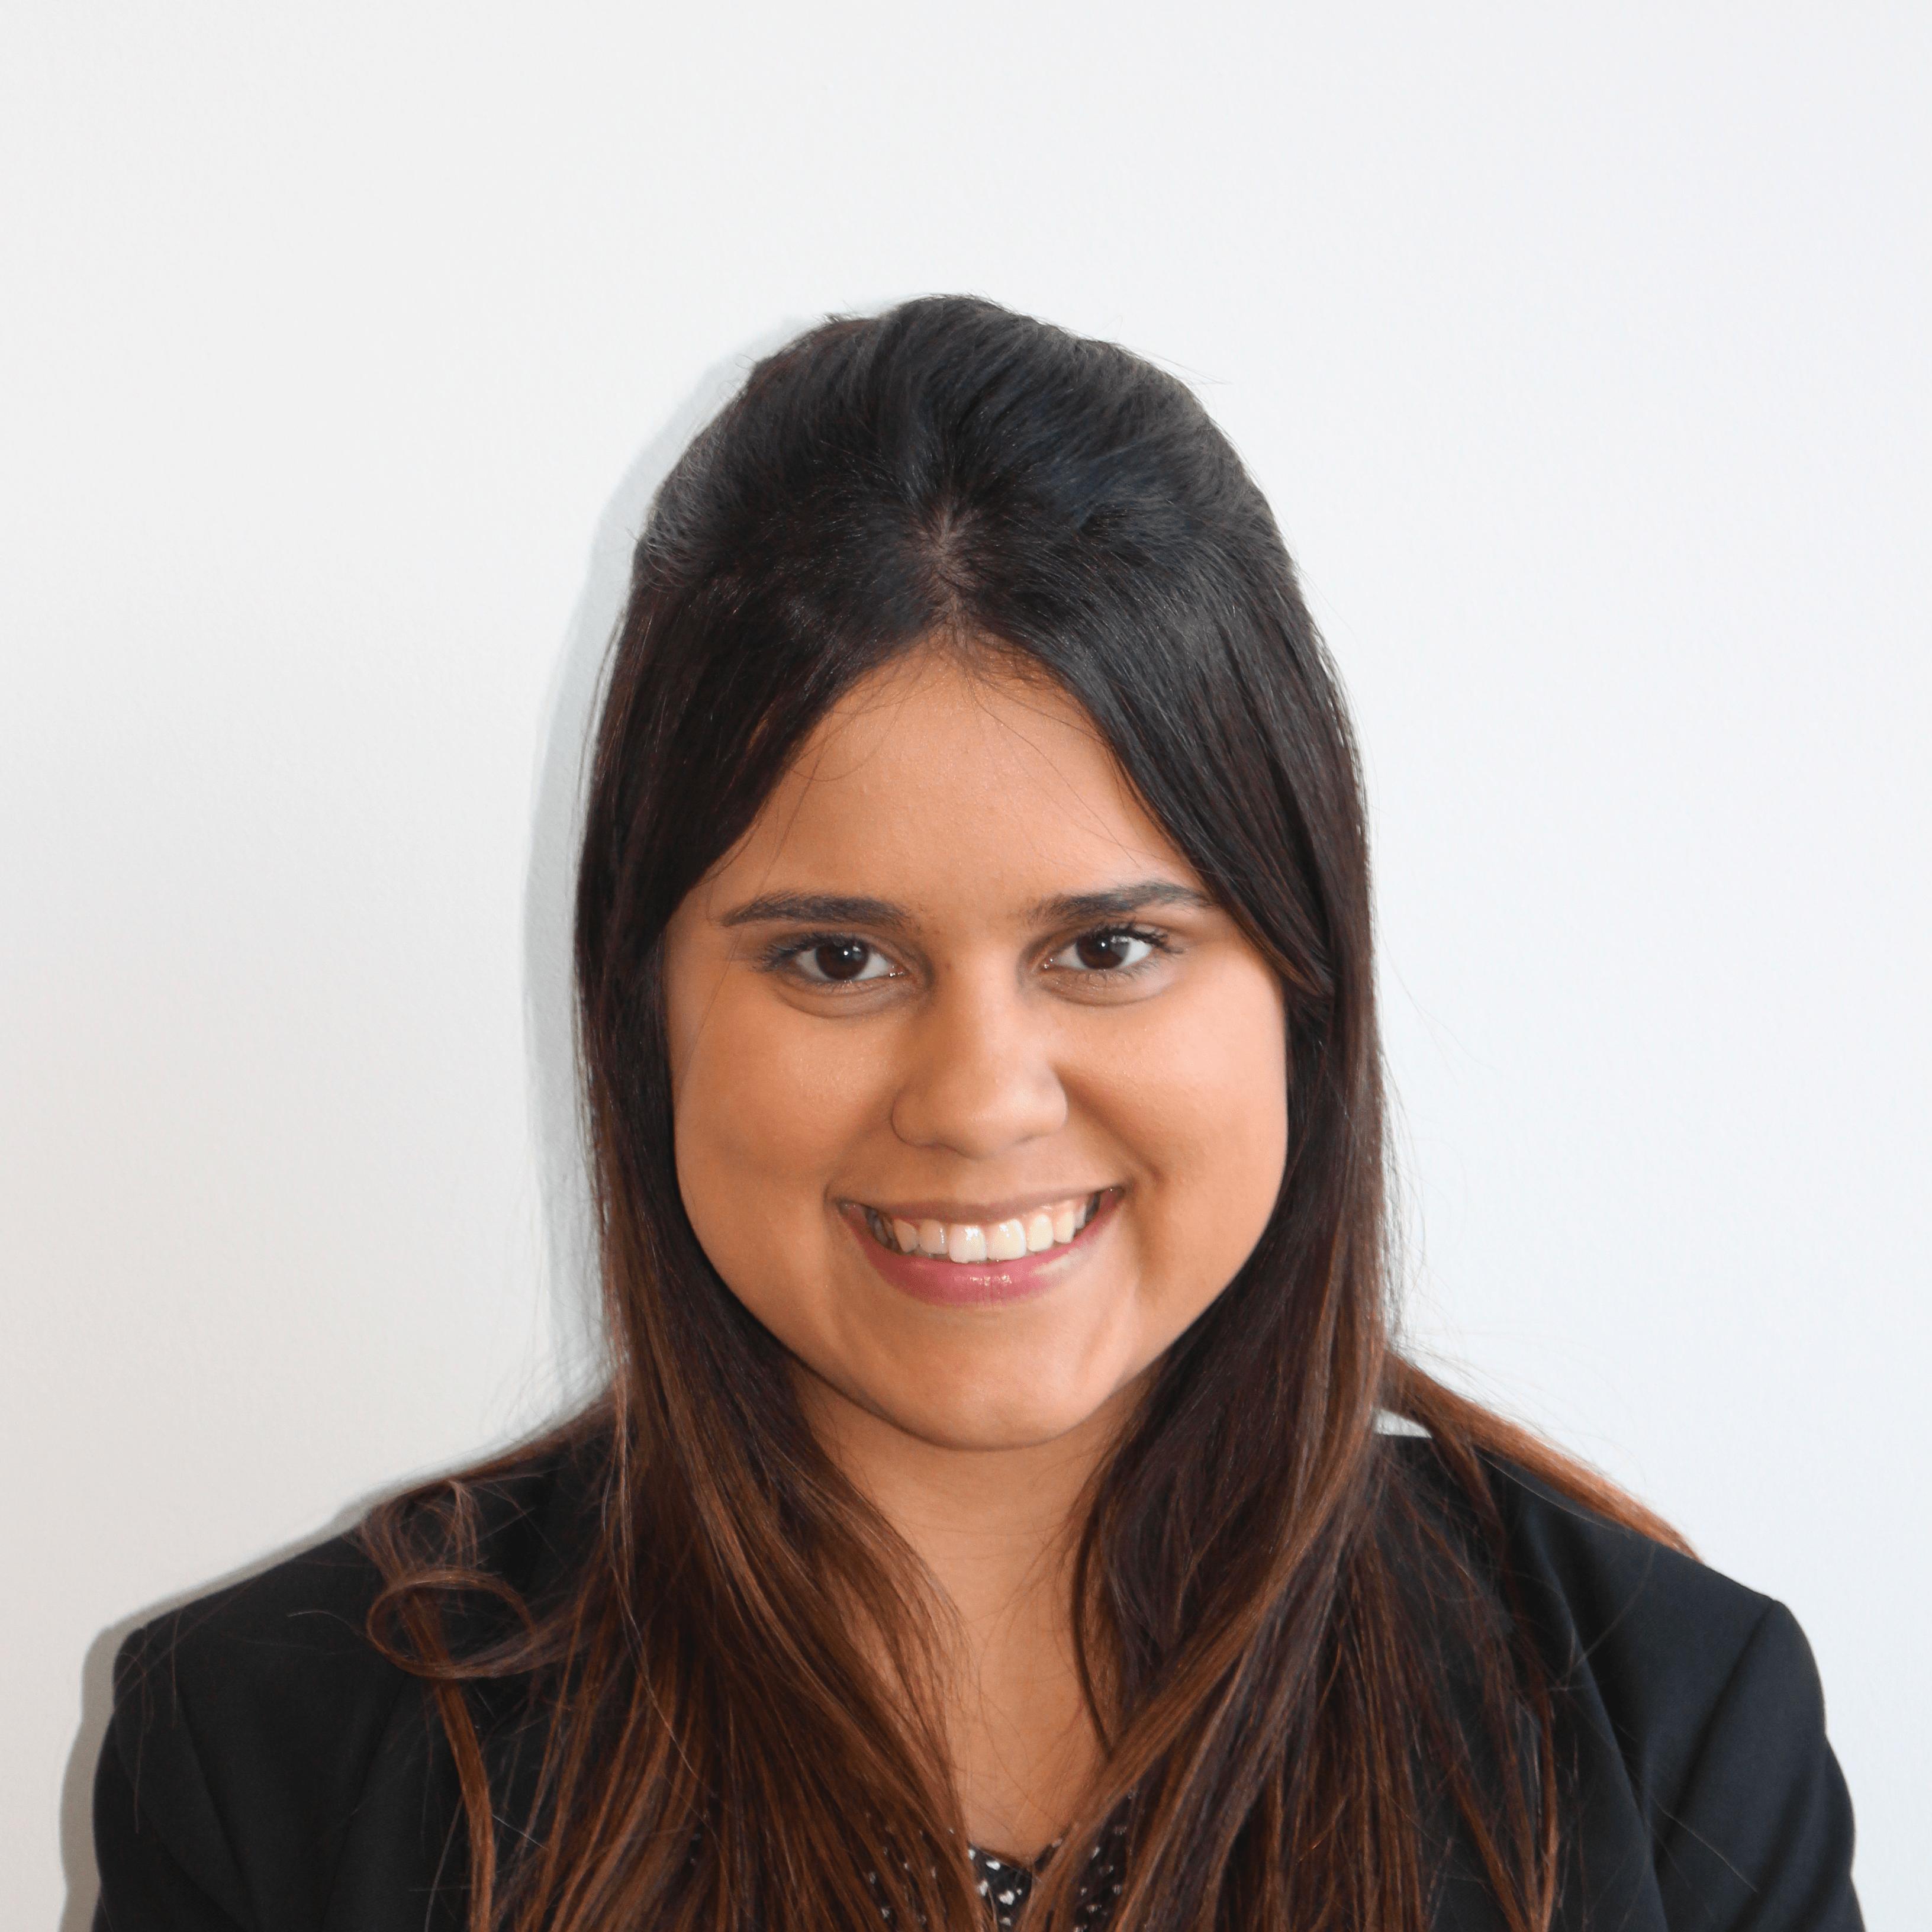 Lorena Ferreira Avelar Costa